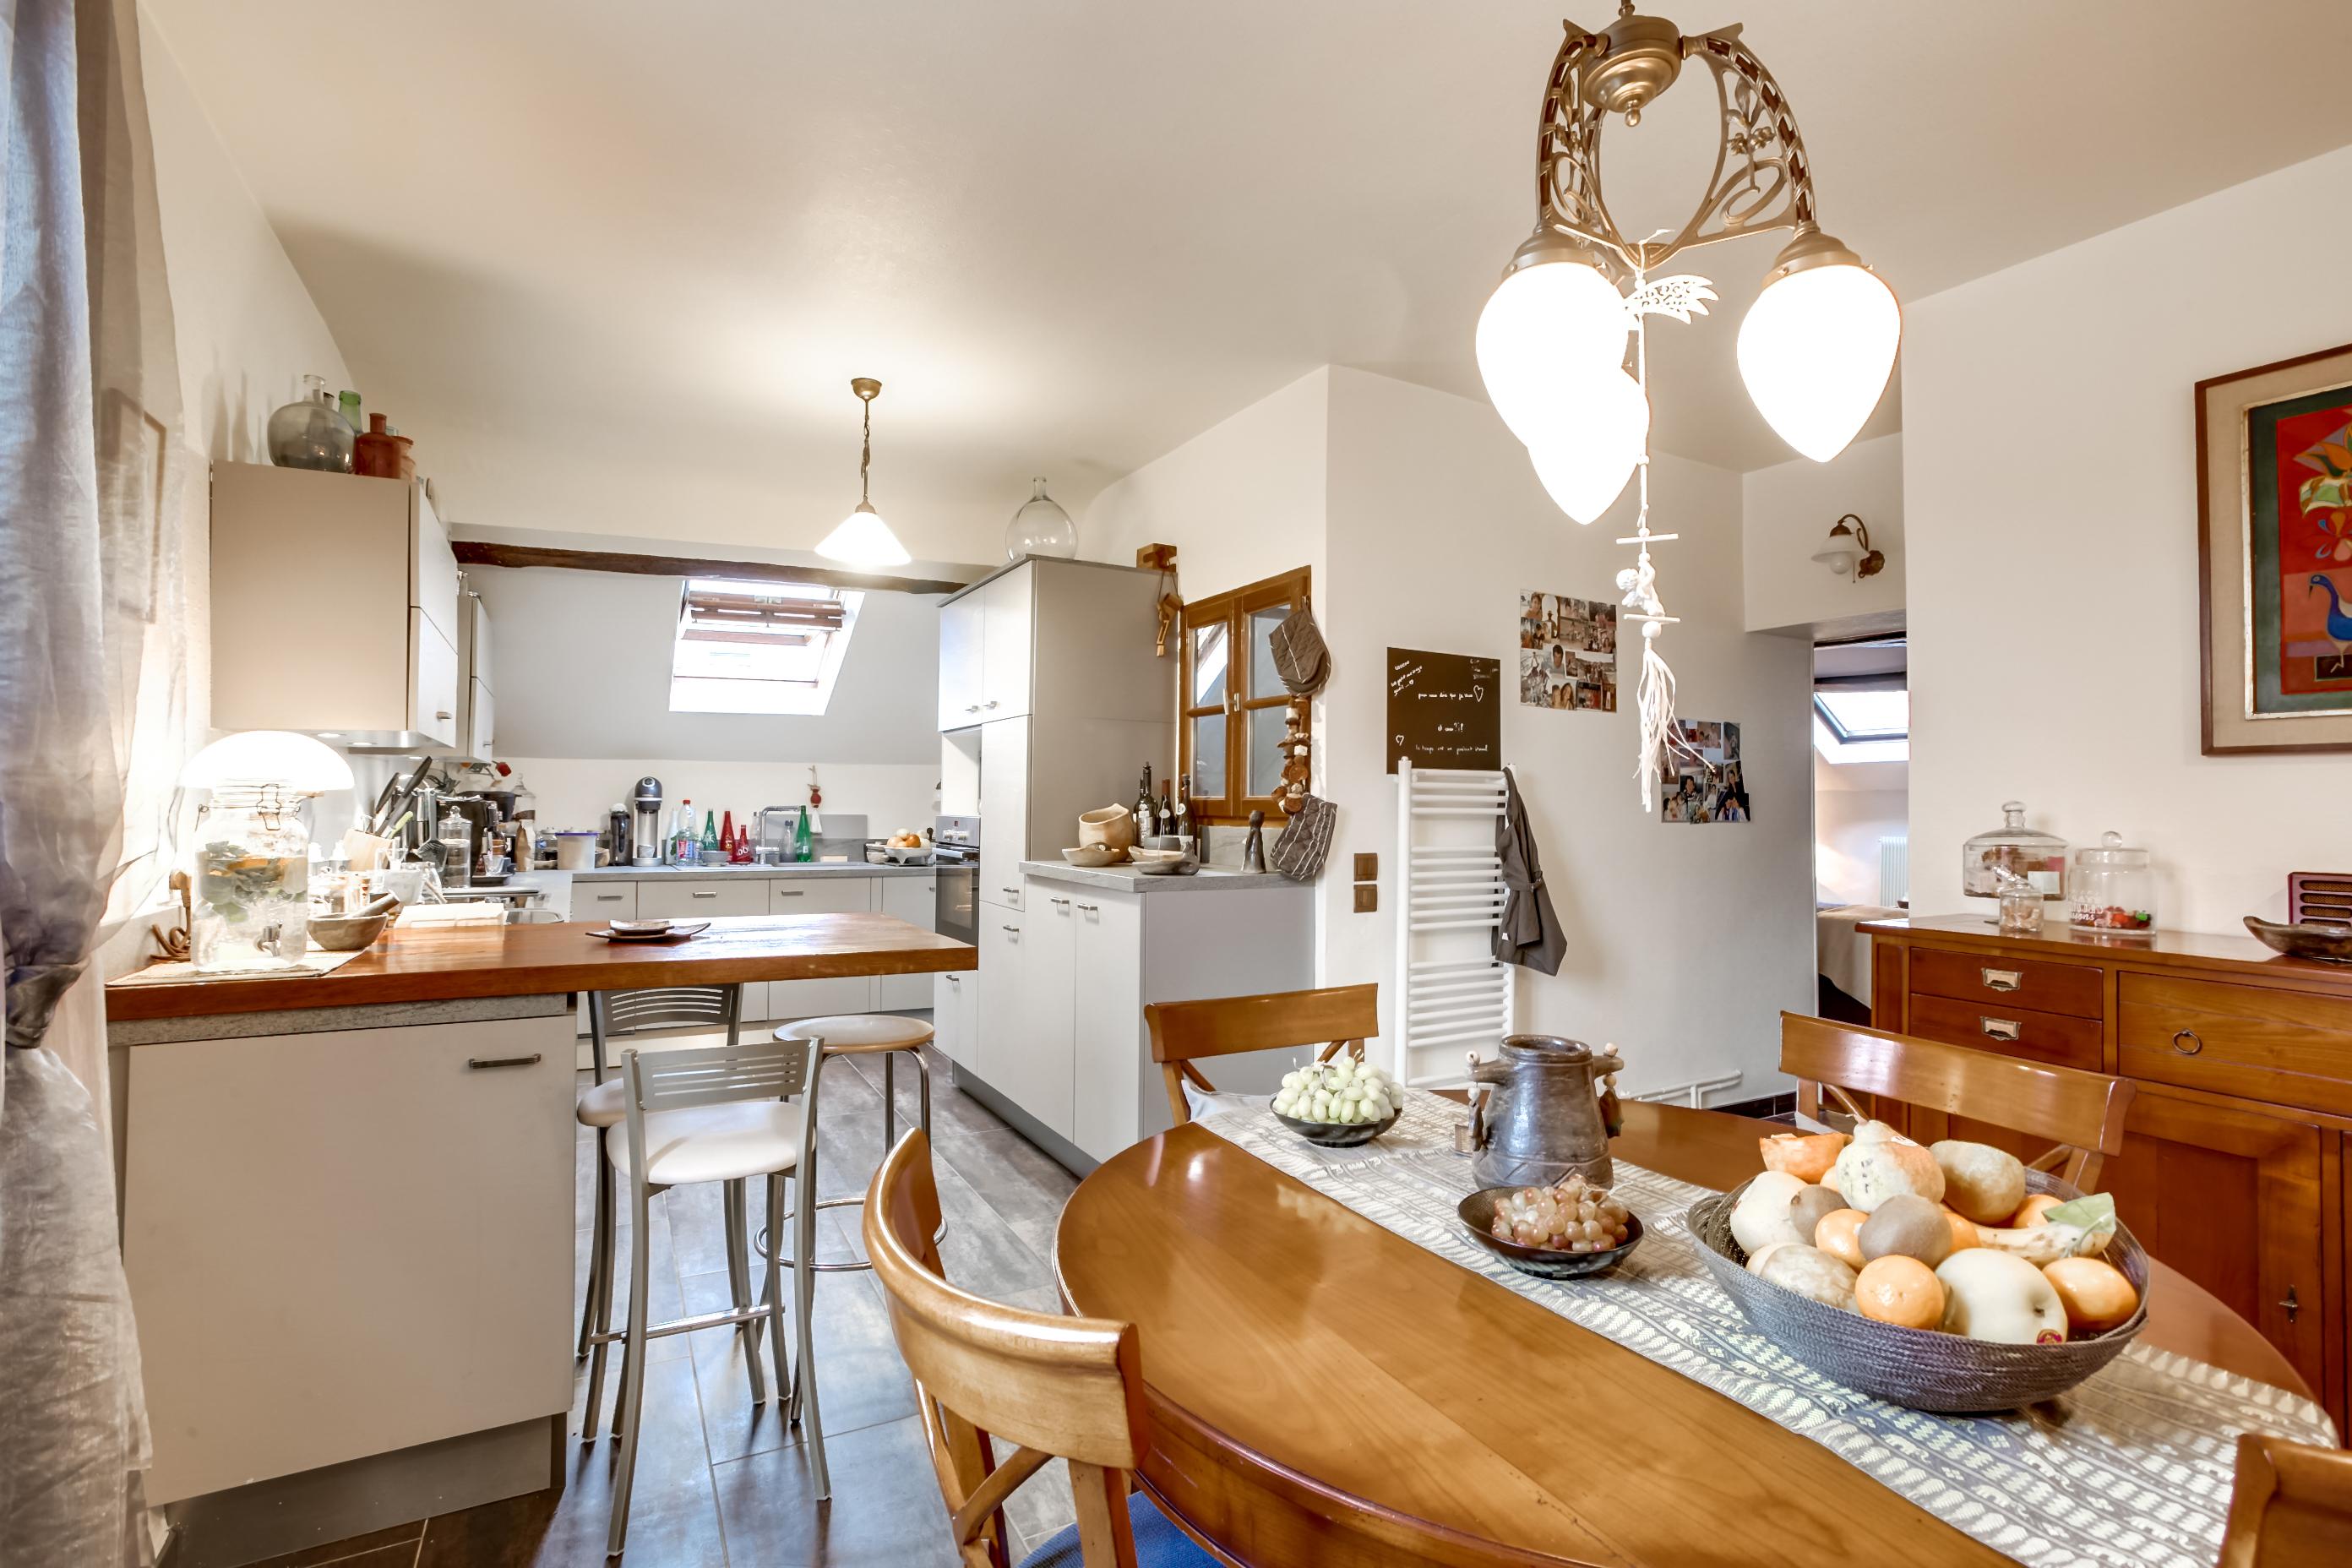 Maison vente Montreuil Paris immobilier